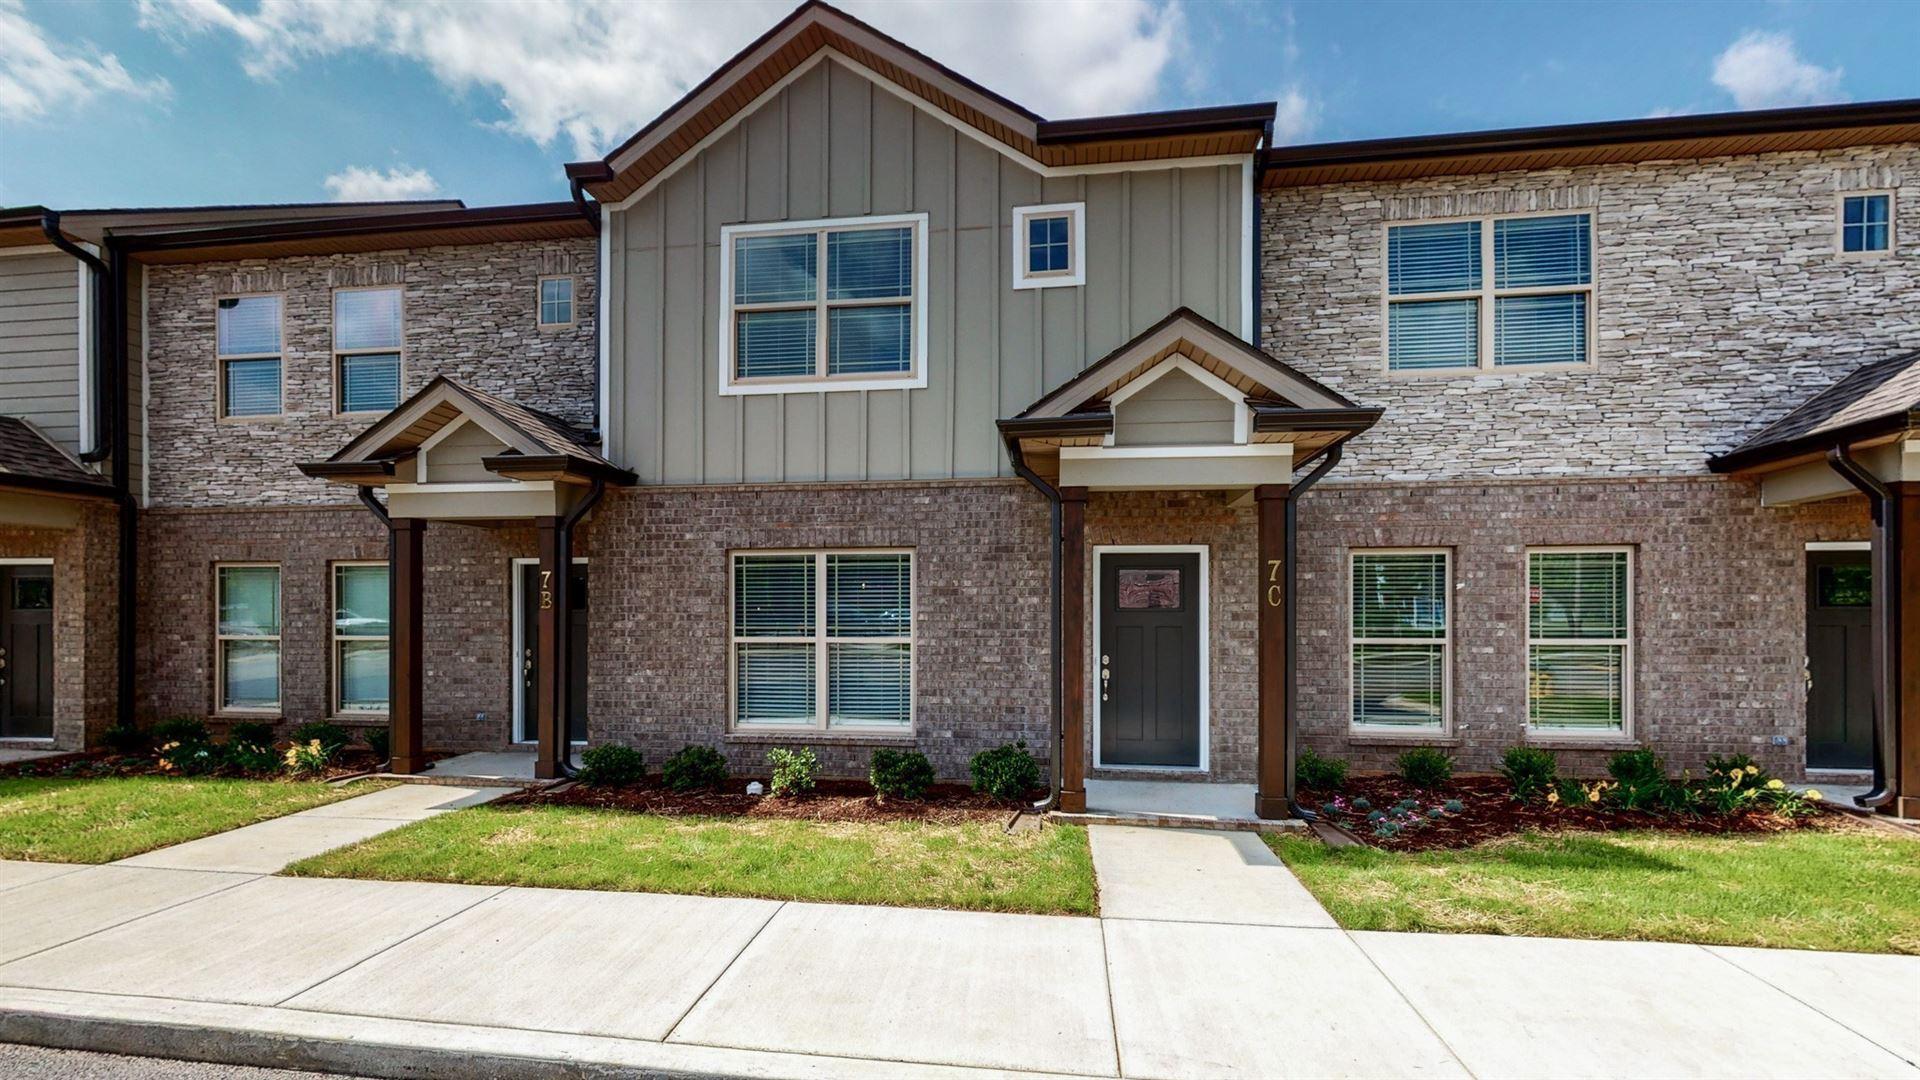 555 Gresham Ln #5B, Murfreesboro, TN 37129 - MLS#: 2202234